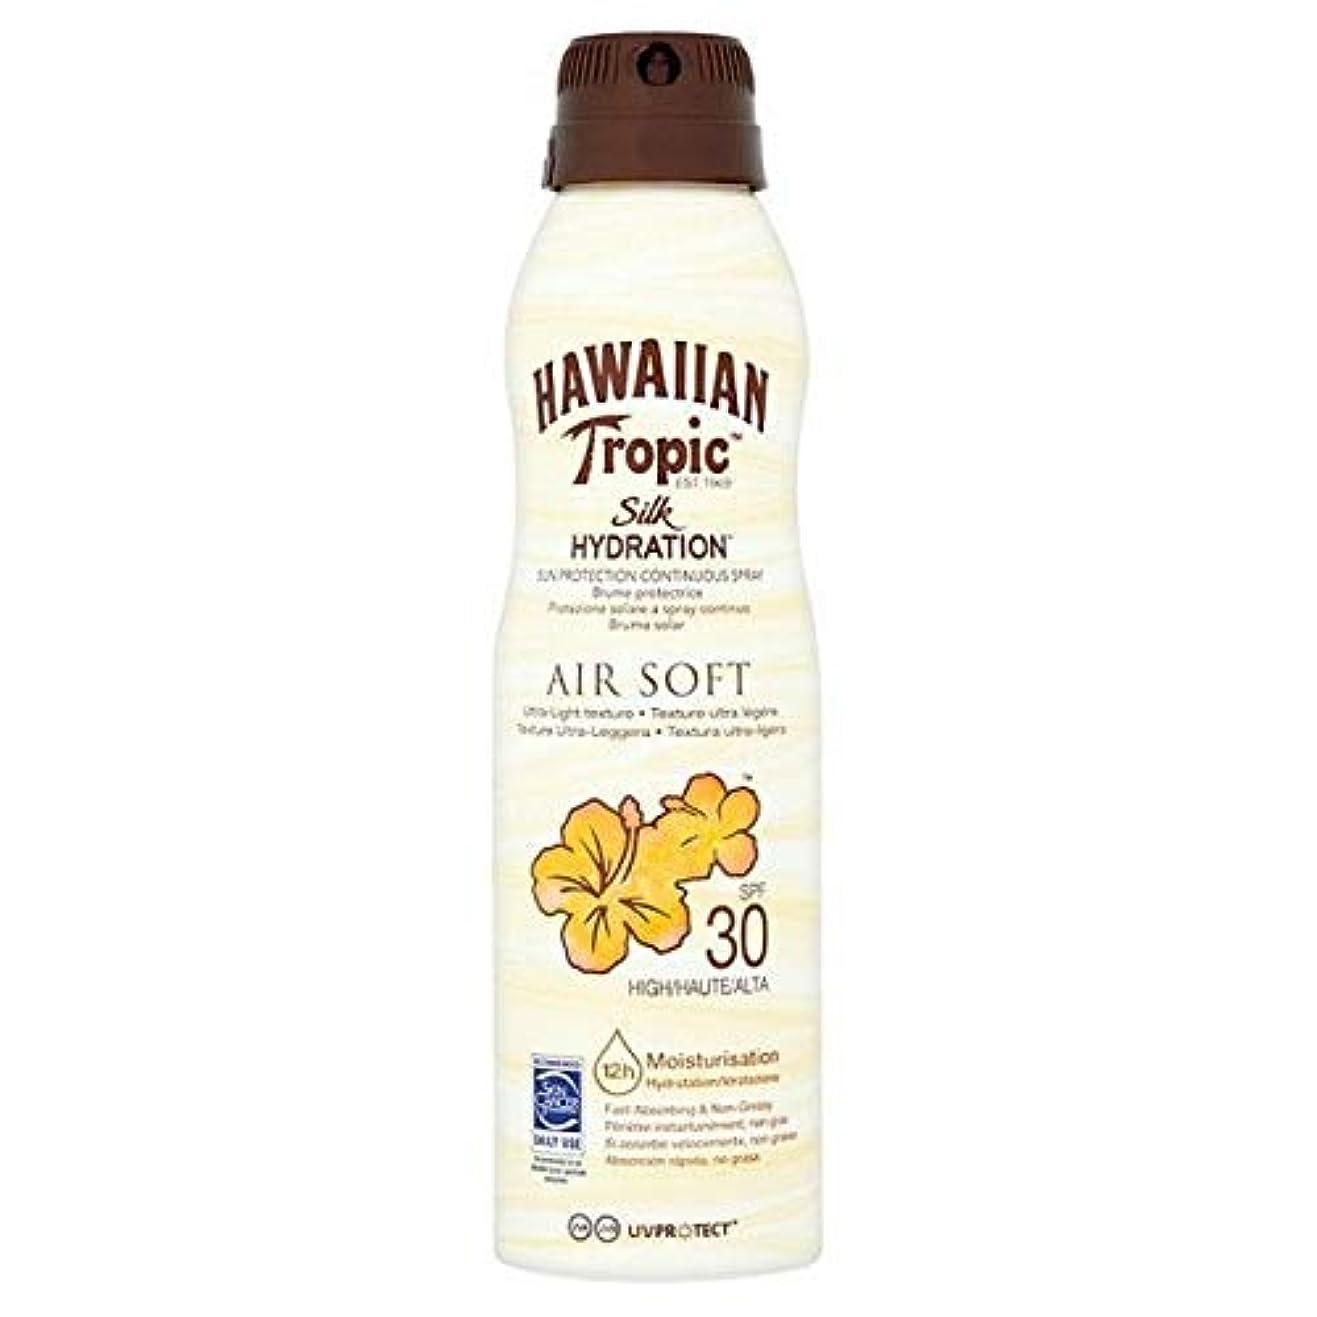 水を飲む光の剃る[Hawaiian Tropic ] H /向性絹水和エアガン連続スプレーSpf30の177ミリリットル - H/Tropic Silk Hydration Airsoft Continuous Spray SPF30...